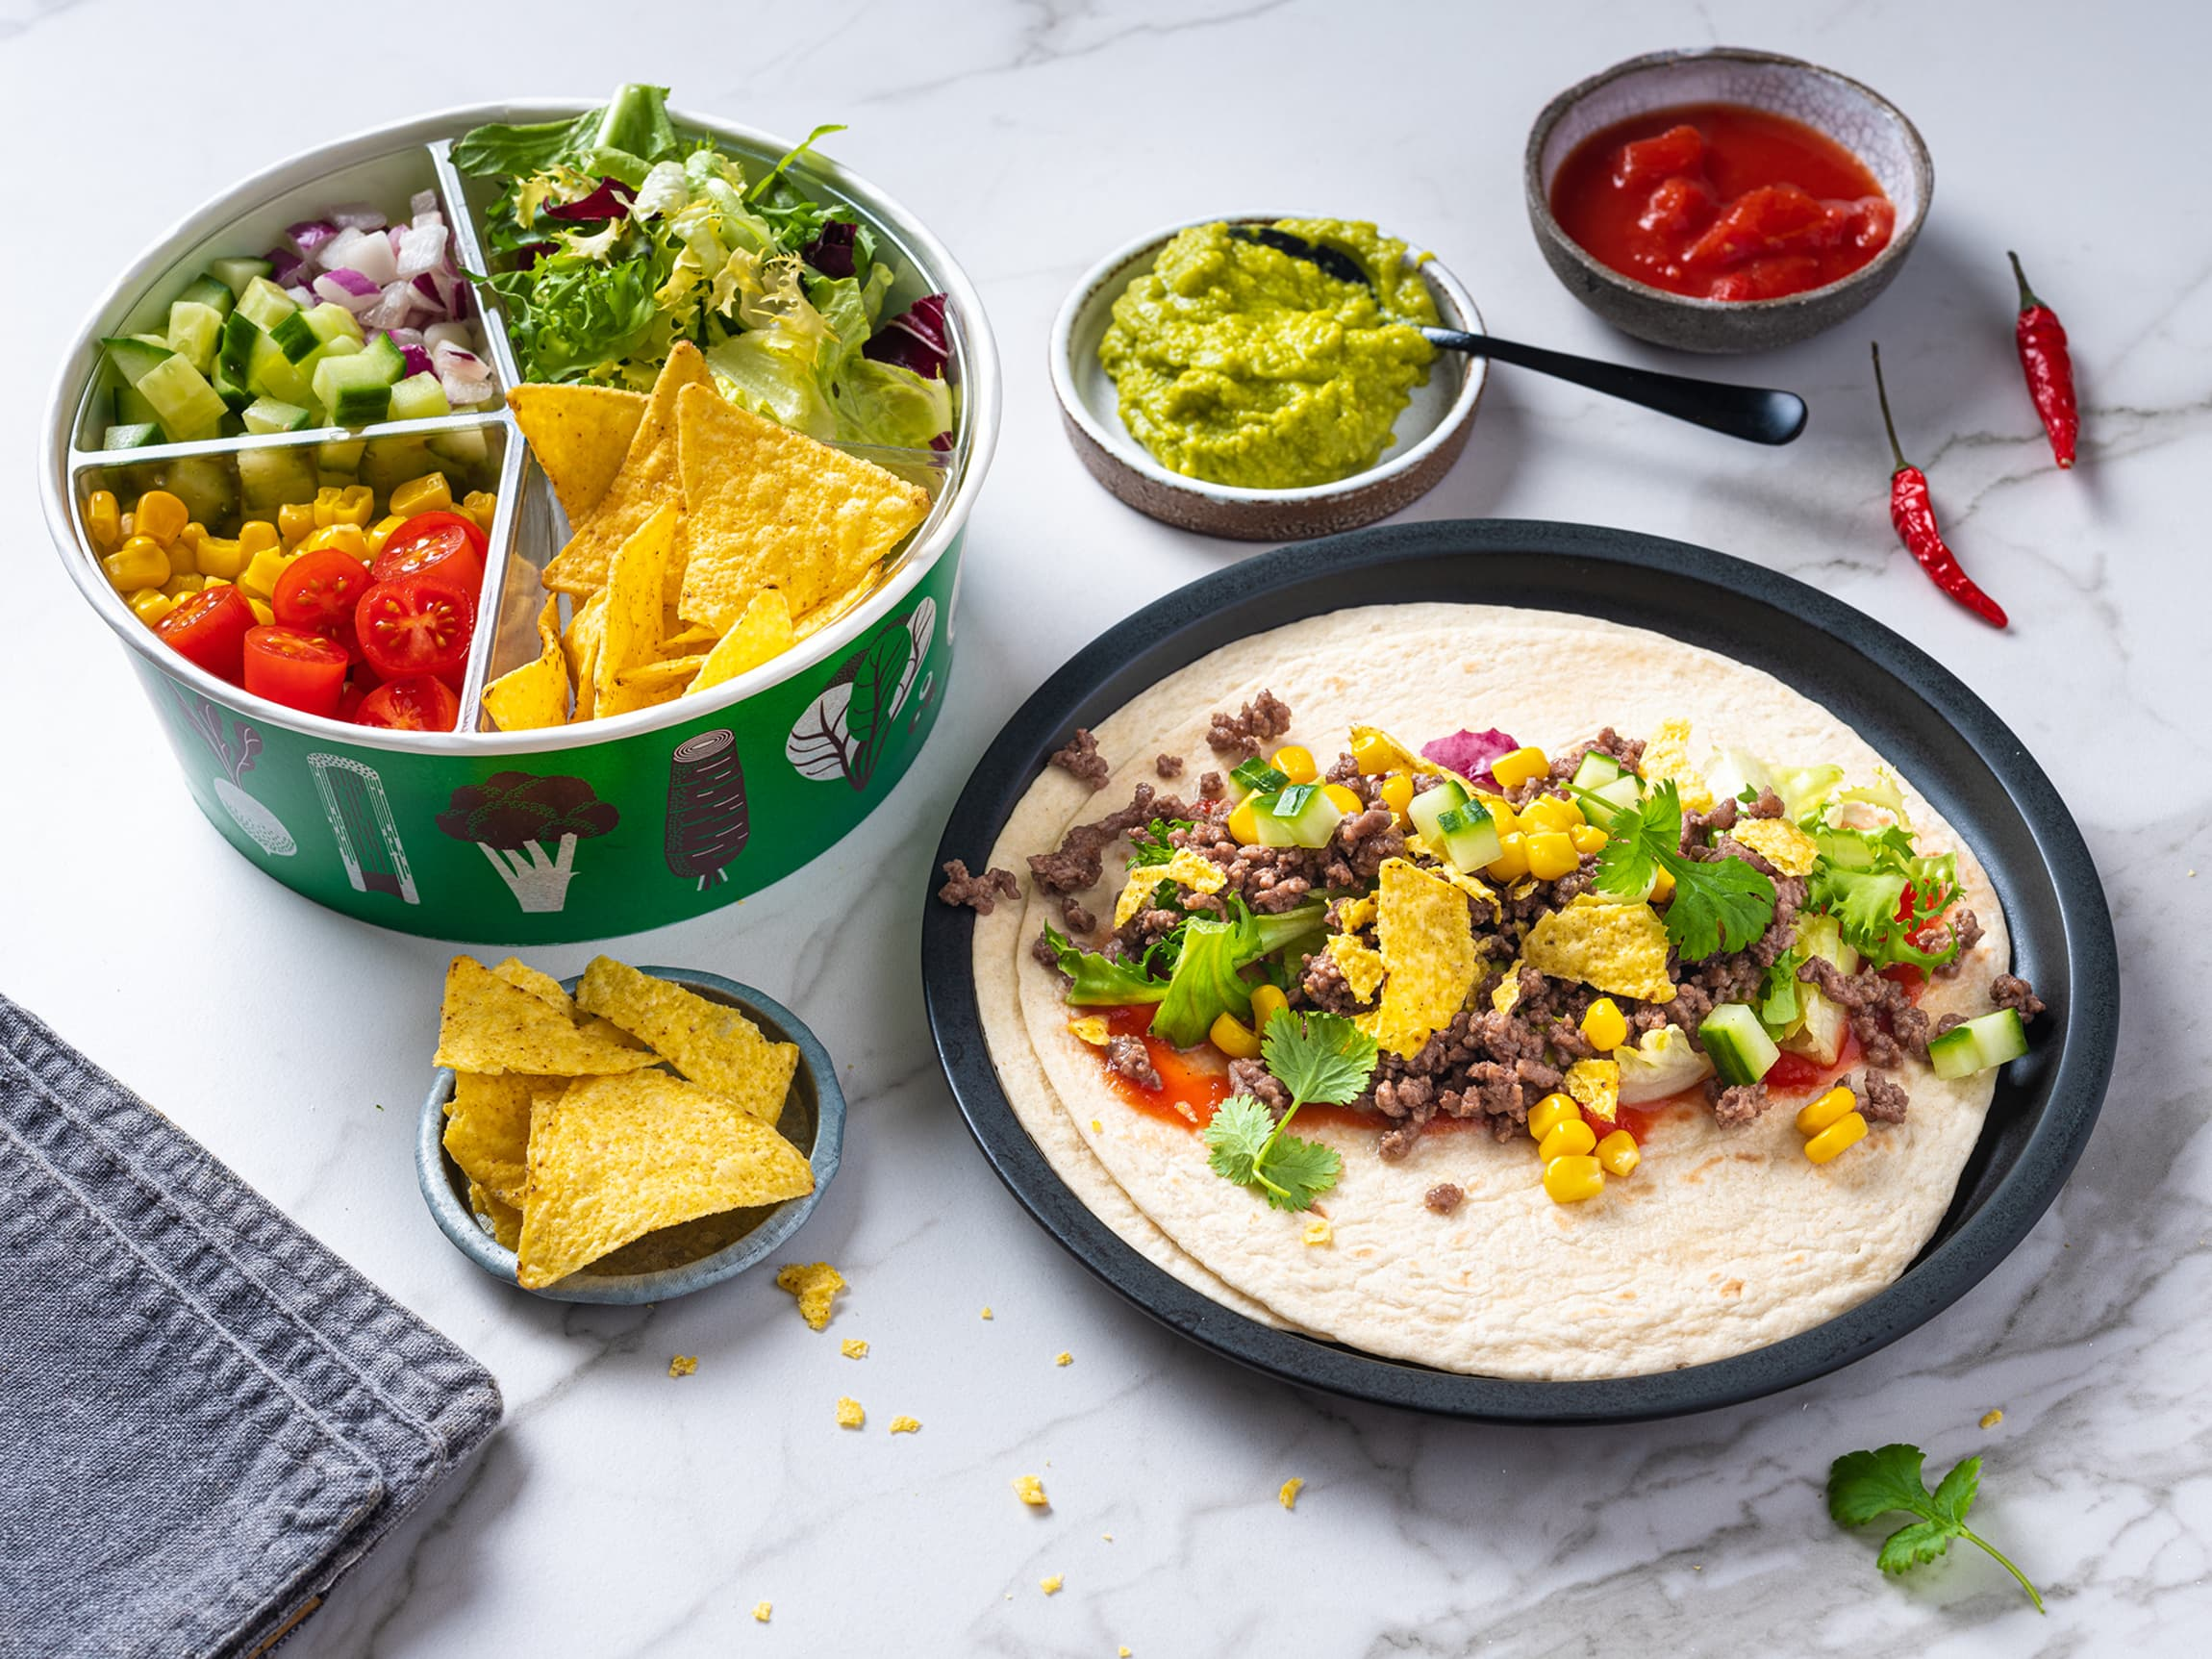 Det er mange forskjellige grønnsaker som skal i tacoen. I salatbaren kan du kjøpe akkurat det du trenger.